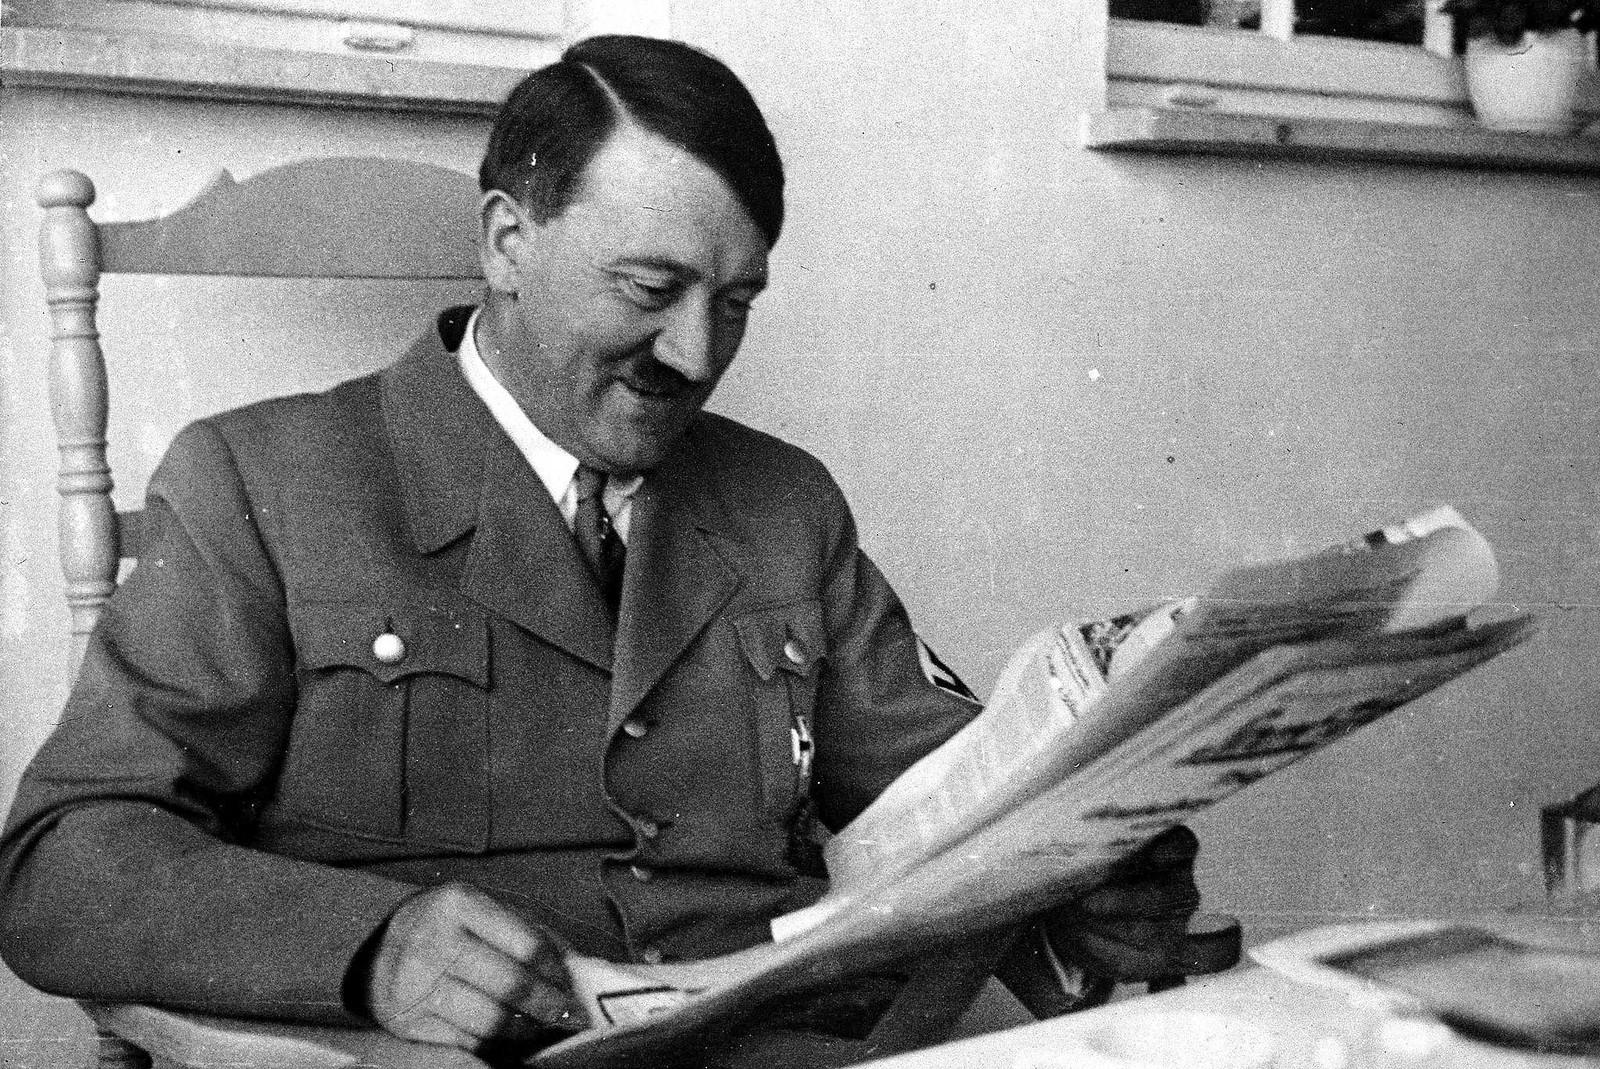 1935. Адольф Гитлер в своей резиденции Бергхоф. 5 апреля